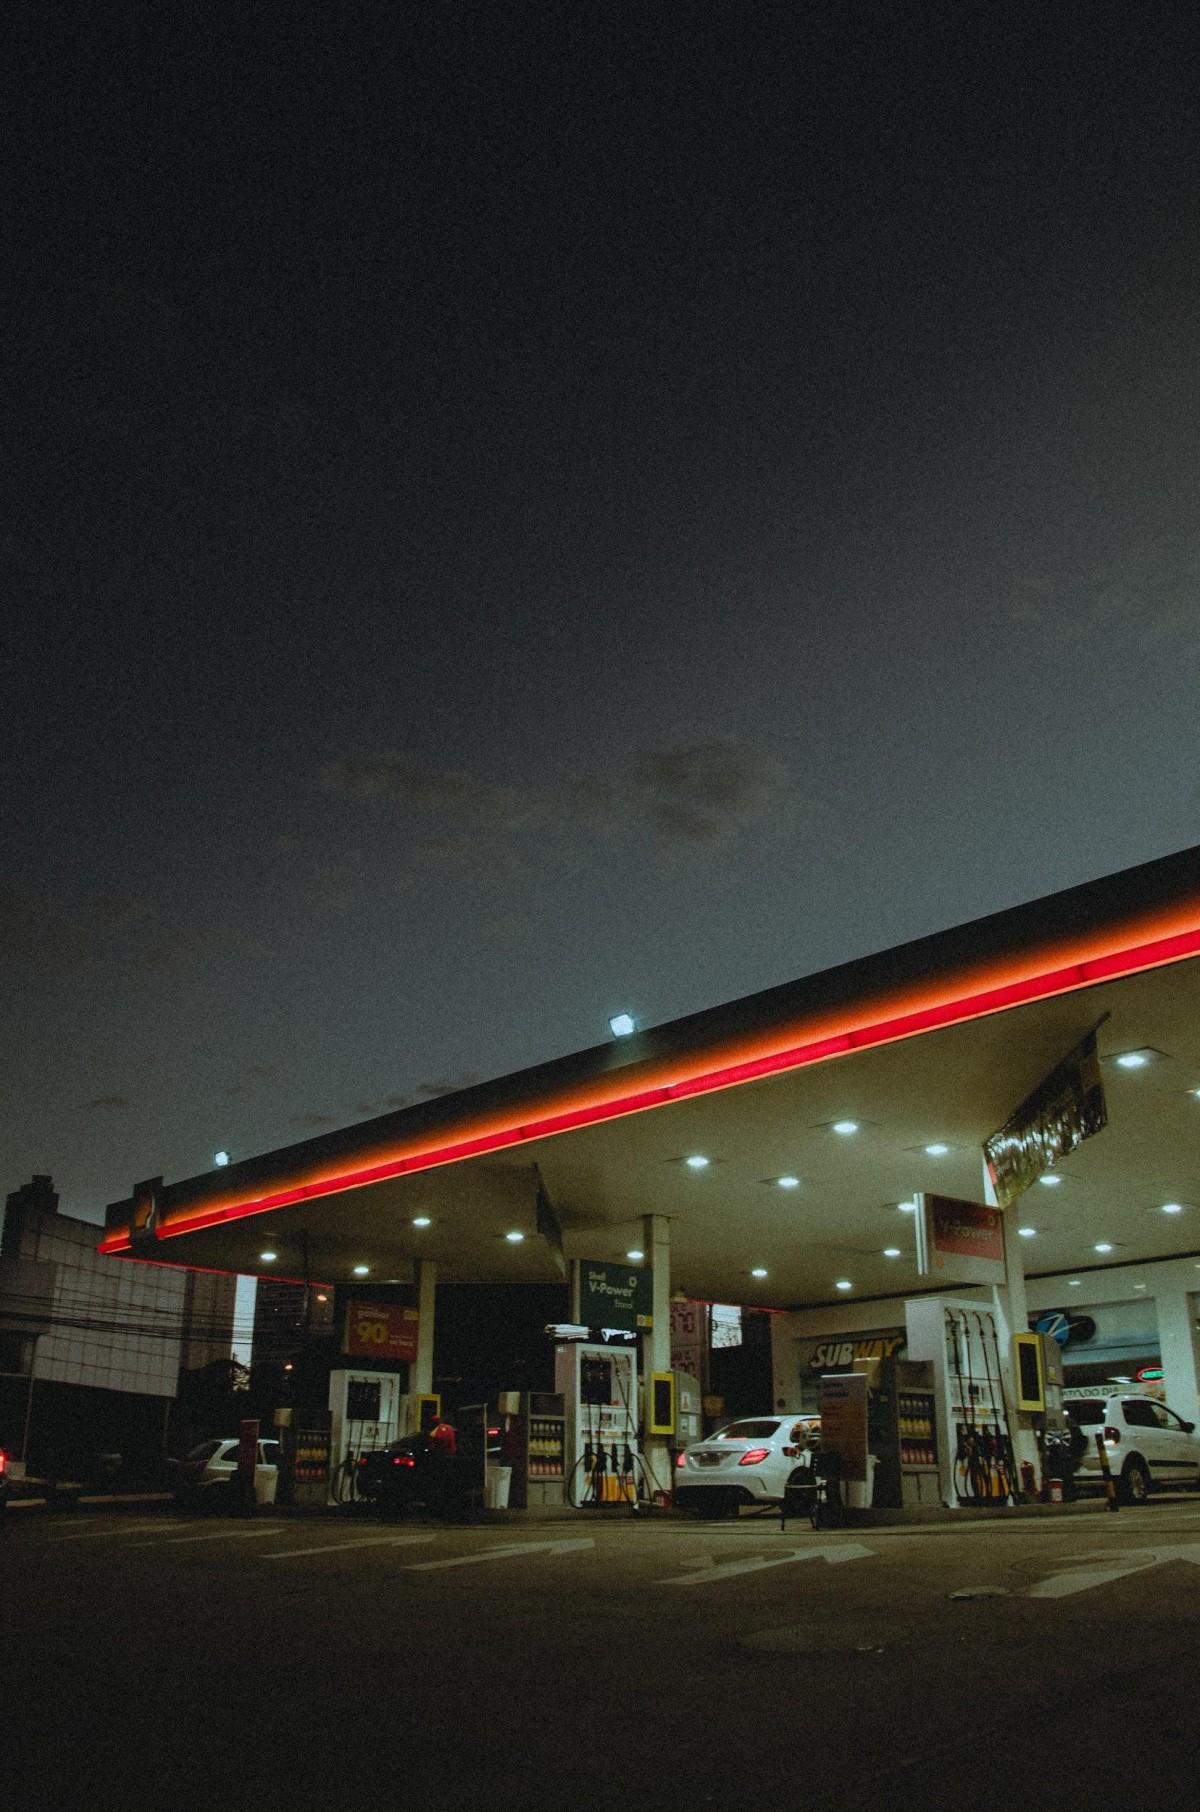 stacja benzynowa nocą